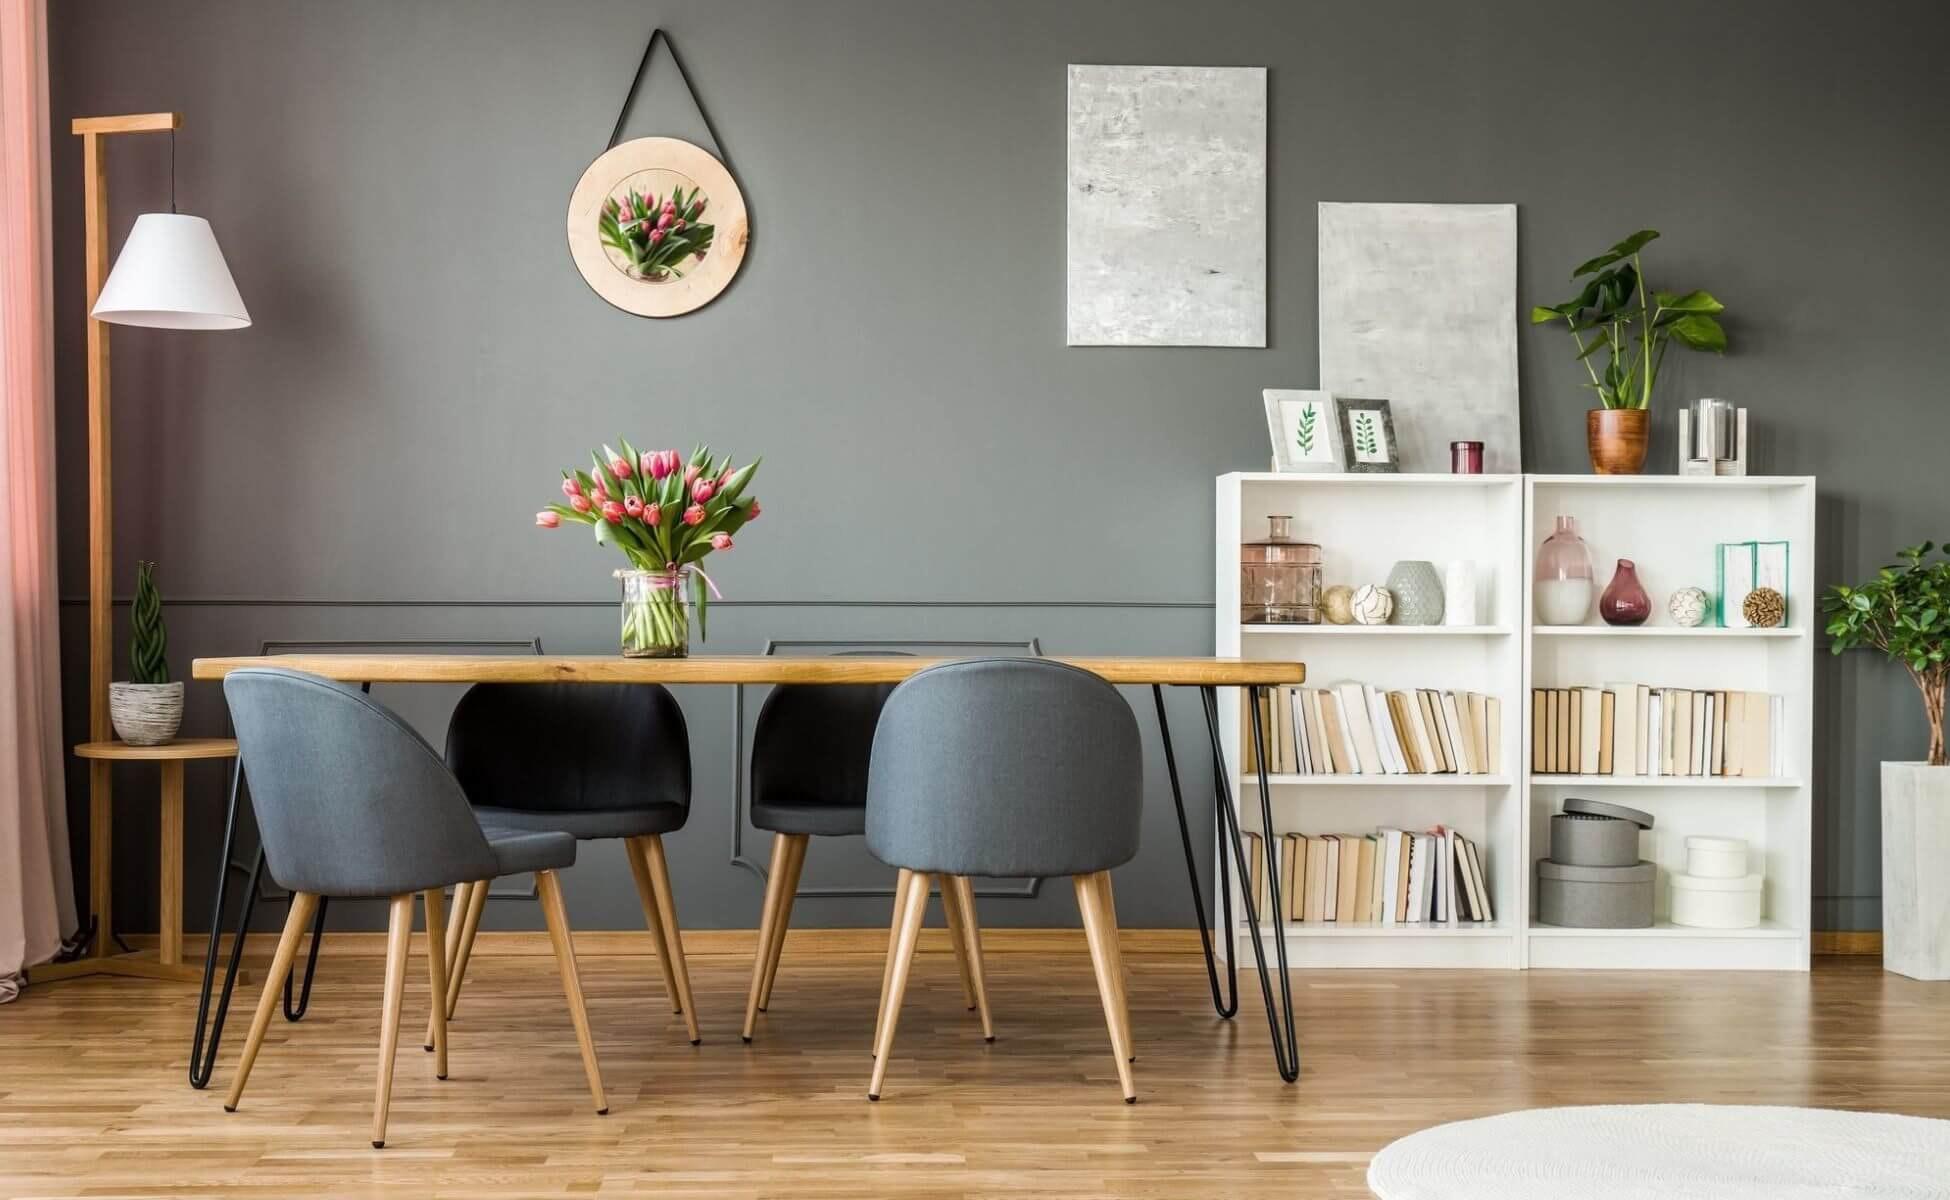 Liste des vérifications lors d'un achat immobilier